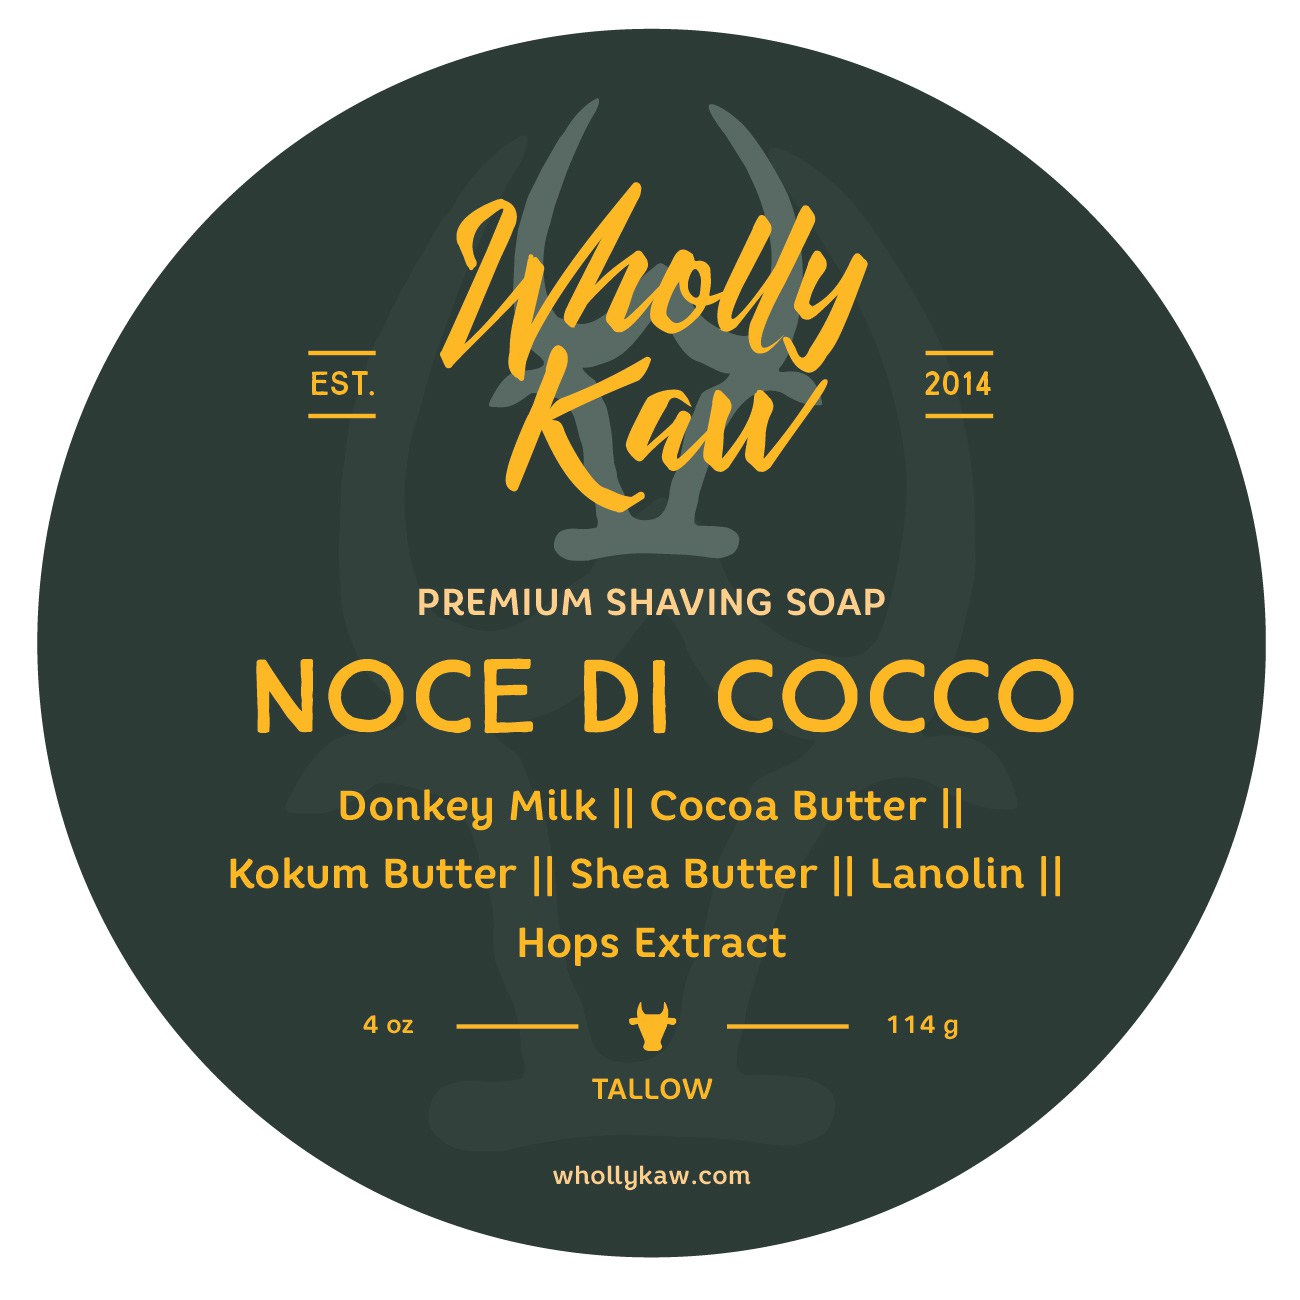 Wholly Kaw - Noce di Cocco - Soap image